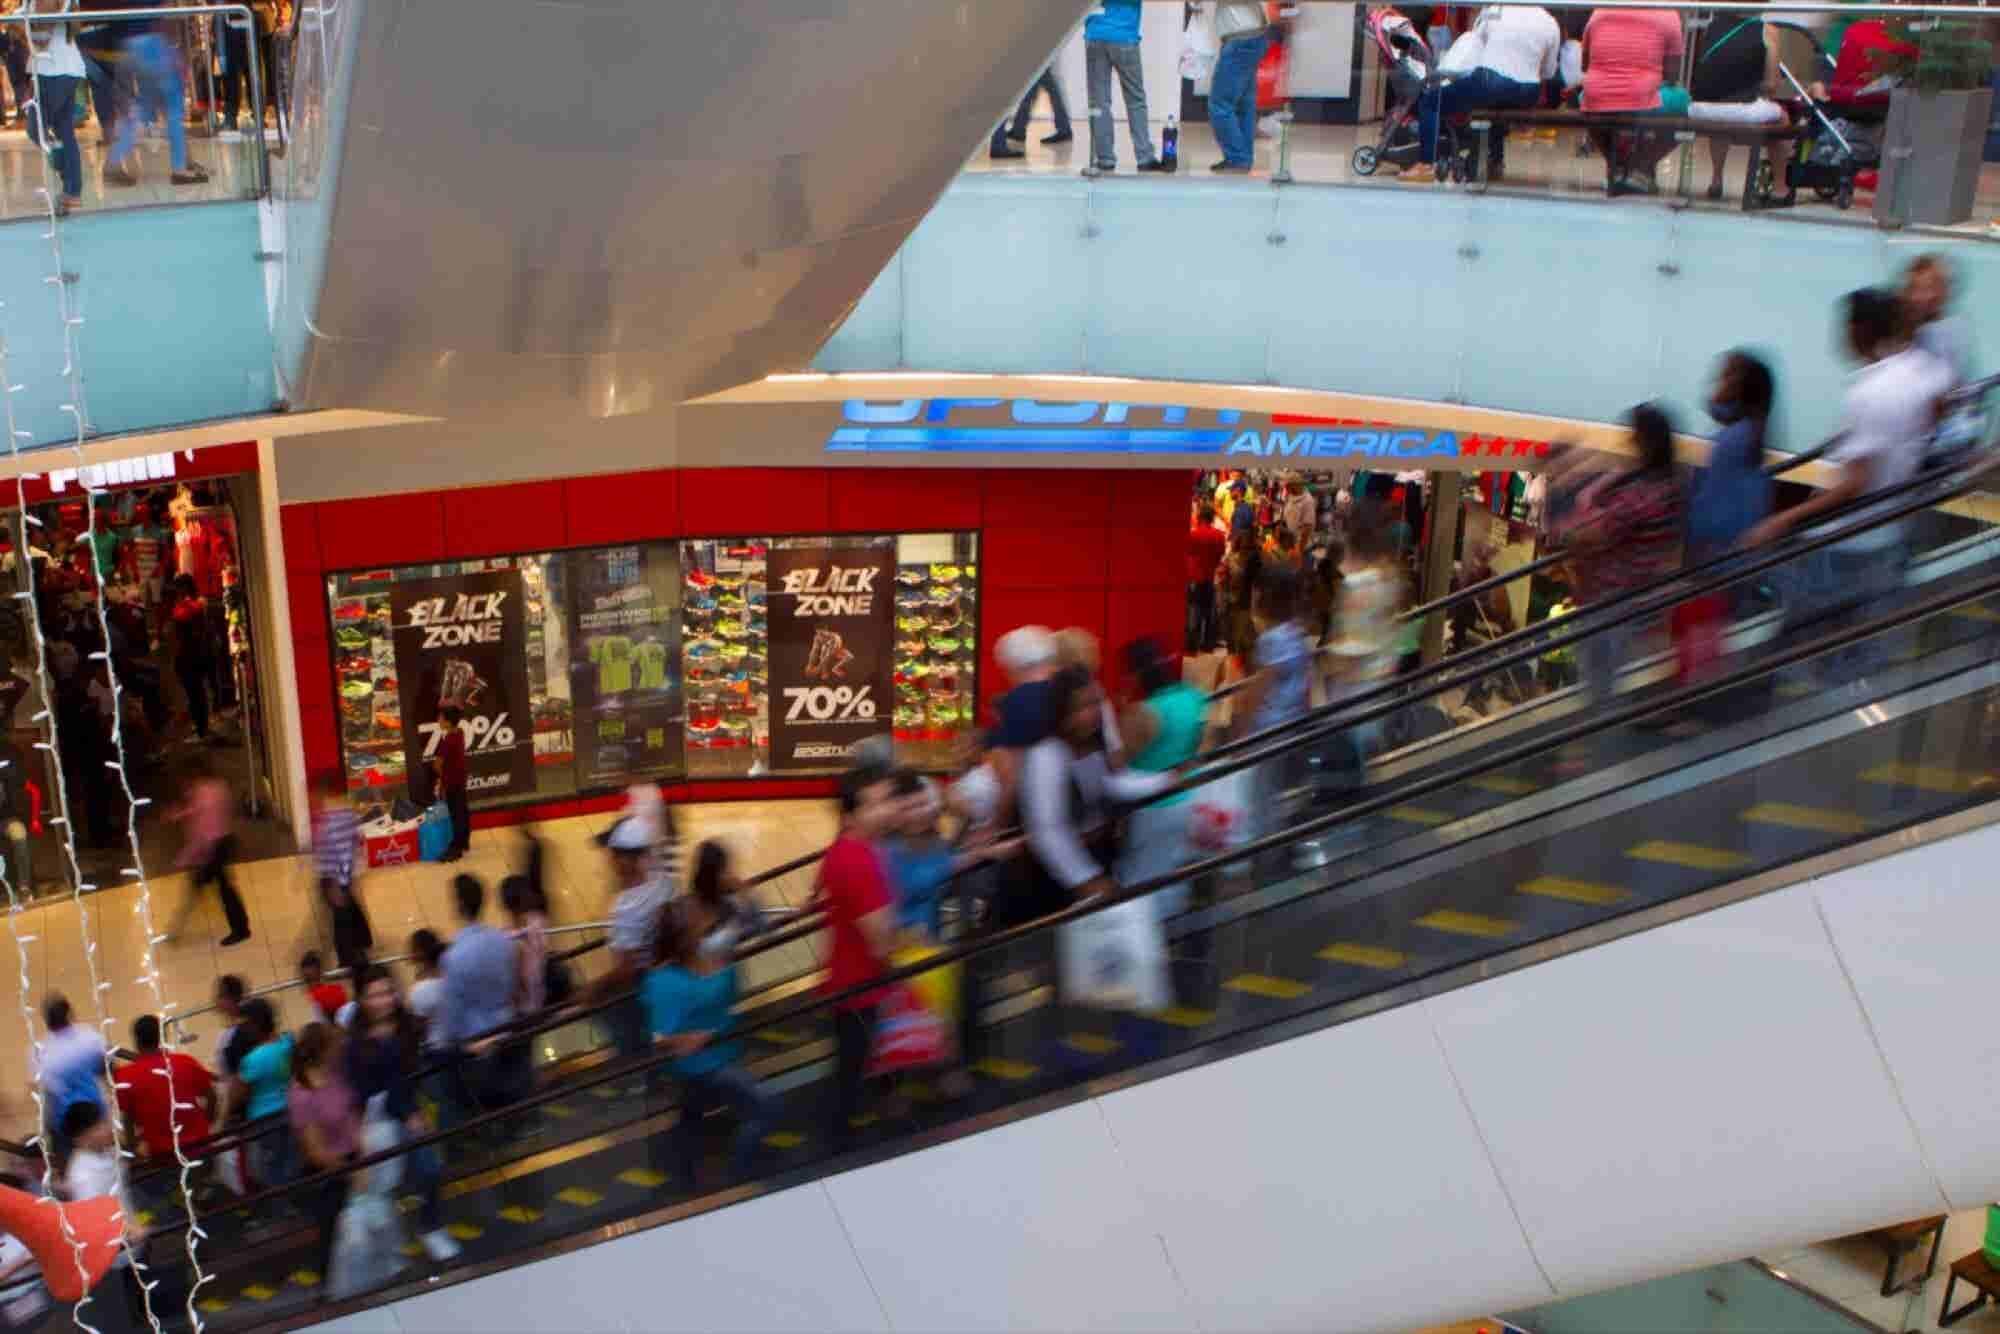 Fights and Disturbances Shut Down Malls Across U.S.